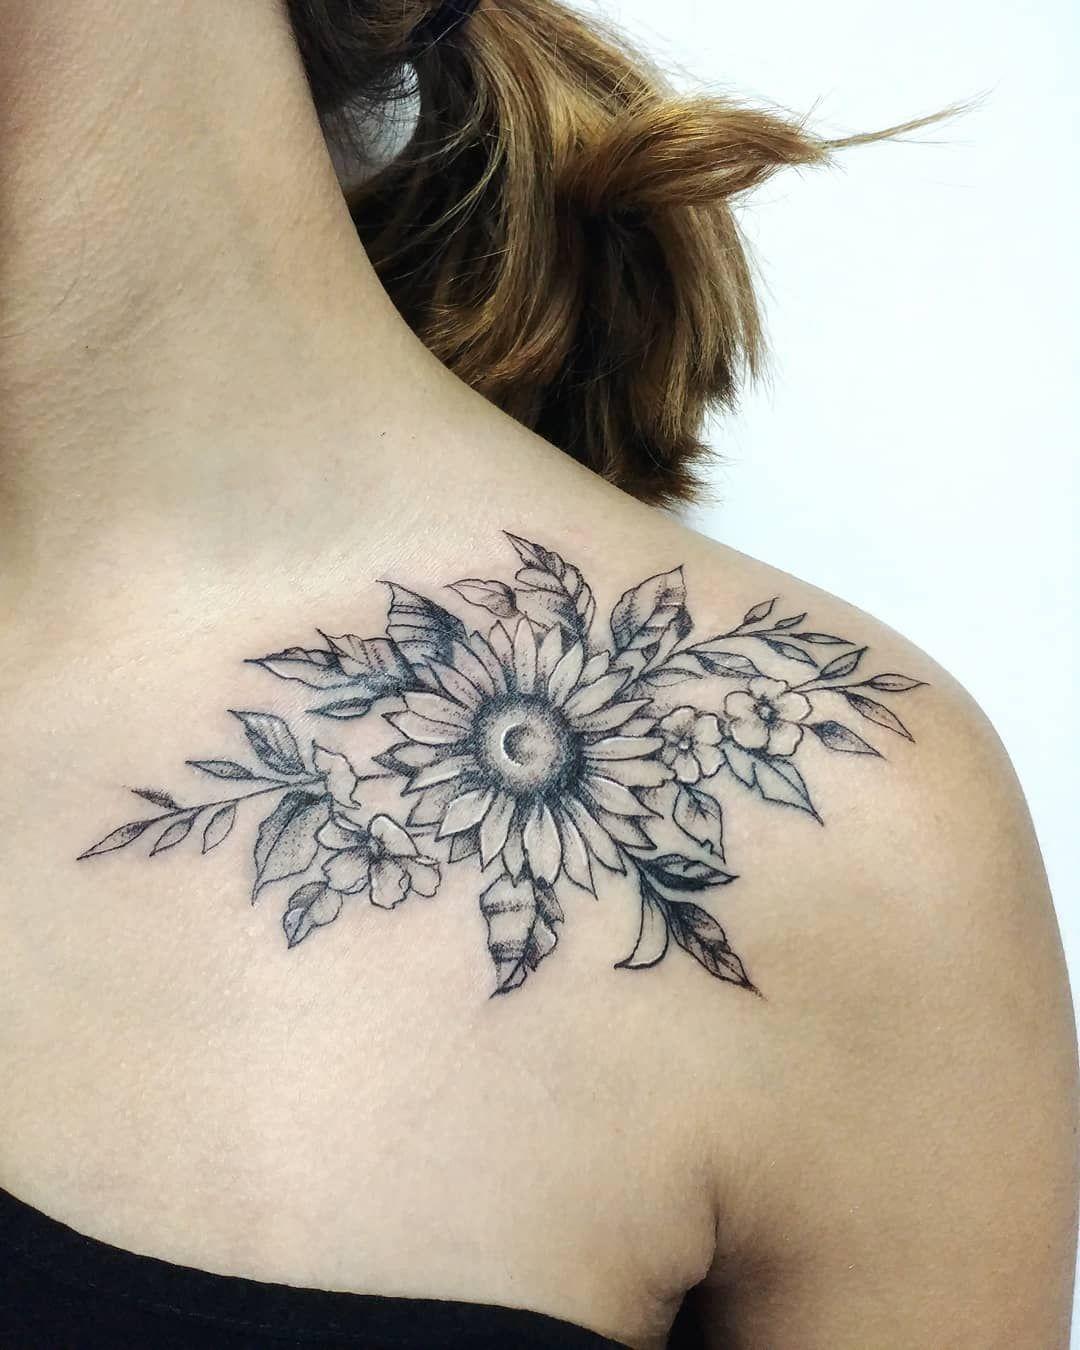 """Mariano Kreser on Instagram: """"Gracias x la confianza . . . #tattooed #tattooinked #tattoolife #tattooink #tattoo #tattooart #tattooing #linetattoo #hardwork #blackwork…"""""""